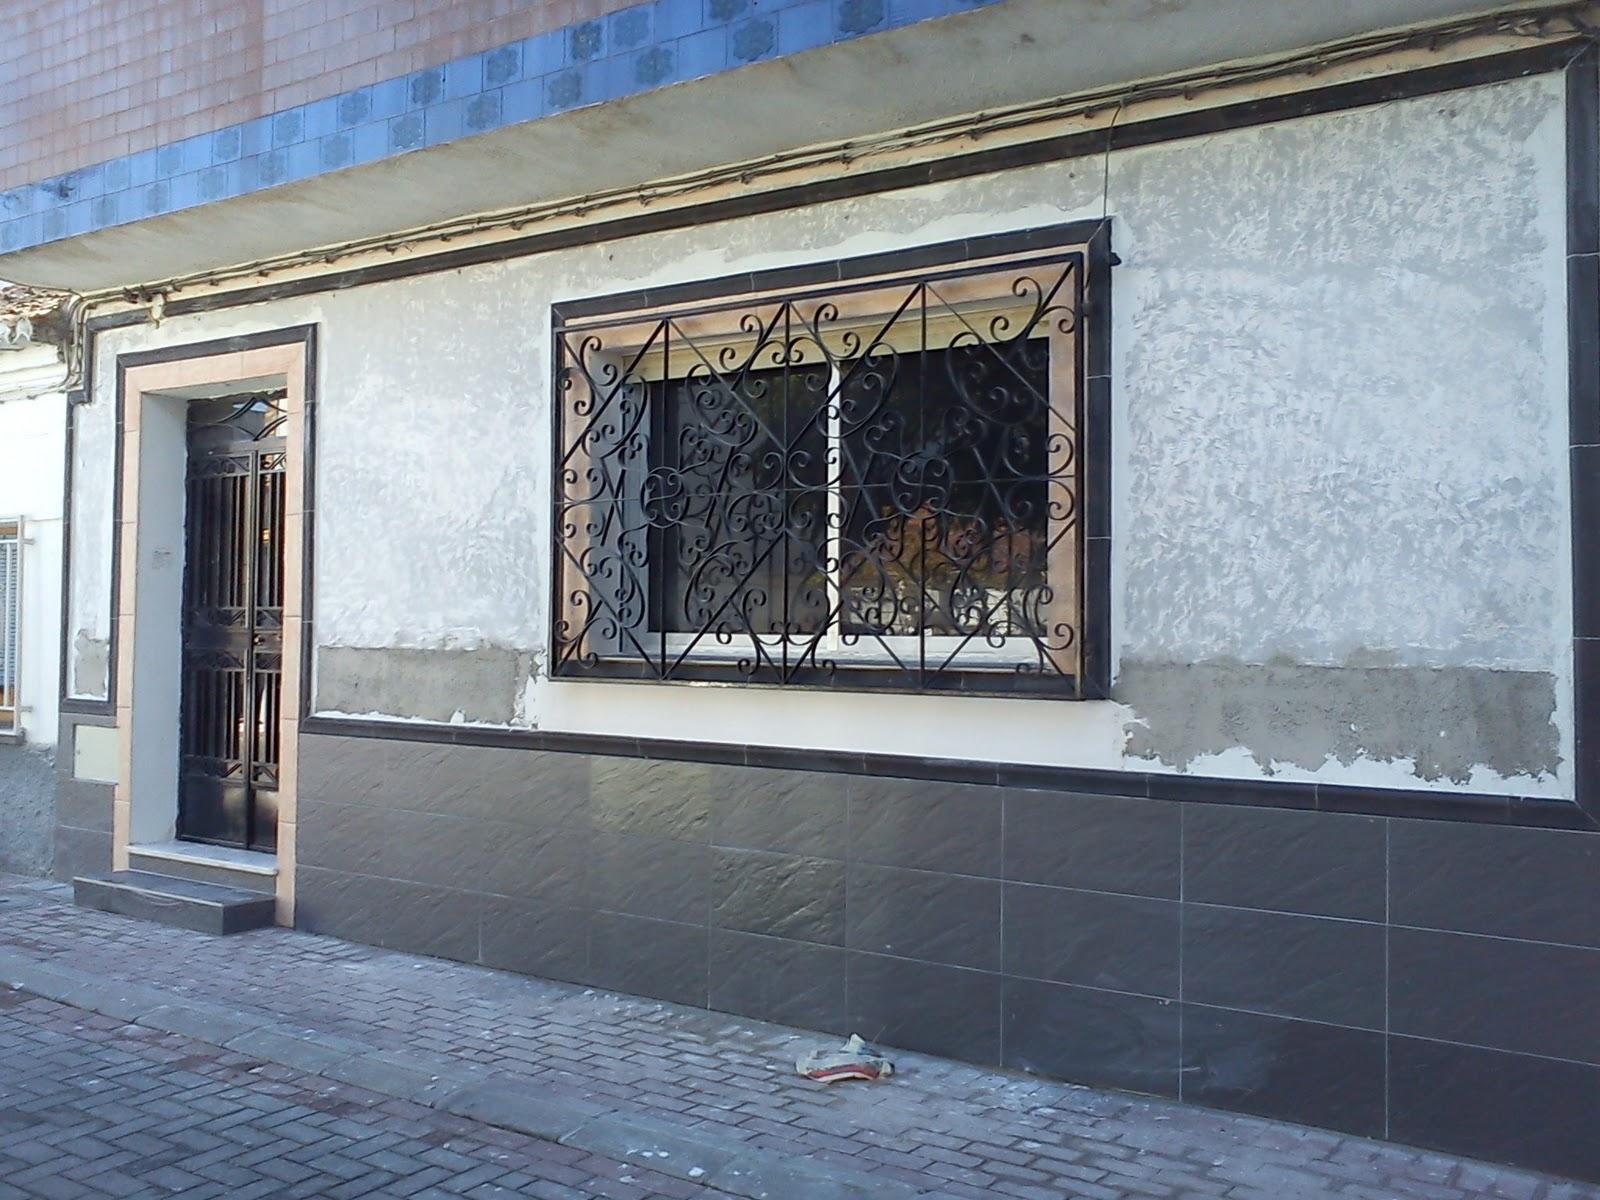 Zocalo fachada zcalo de la ciudad de mxico fachada with for Zocalos de fachadas fotos